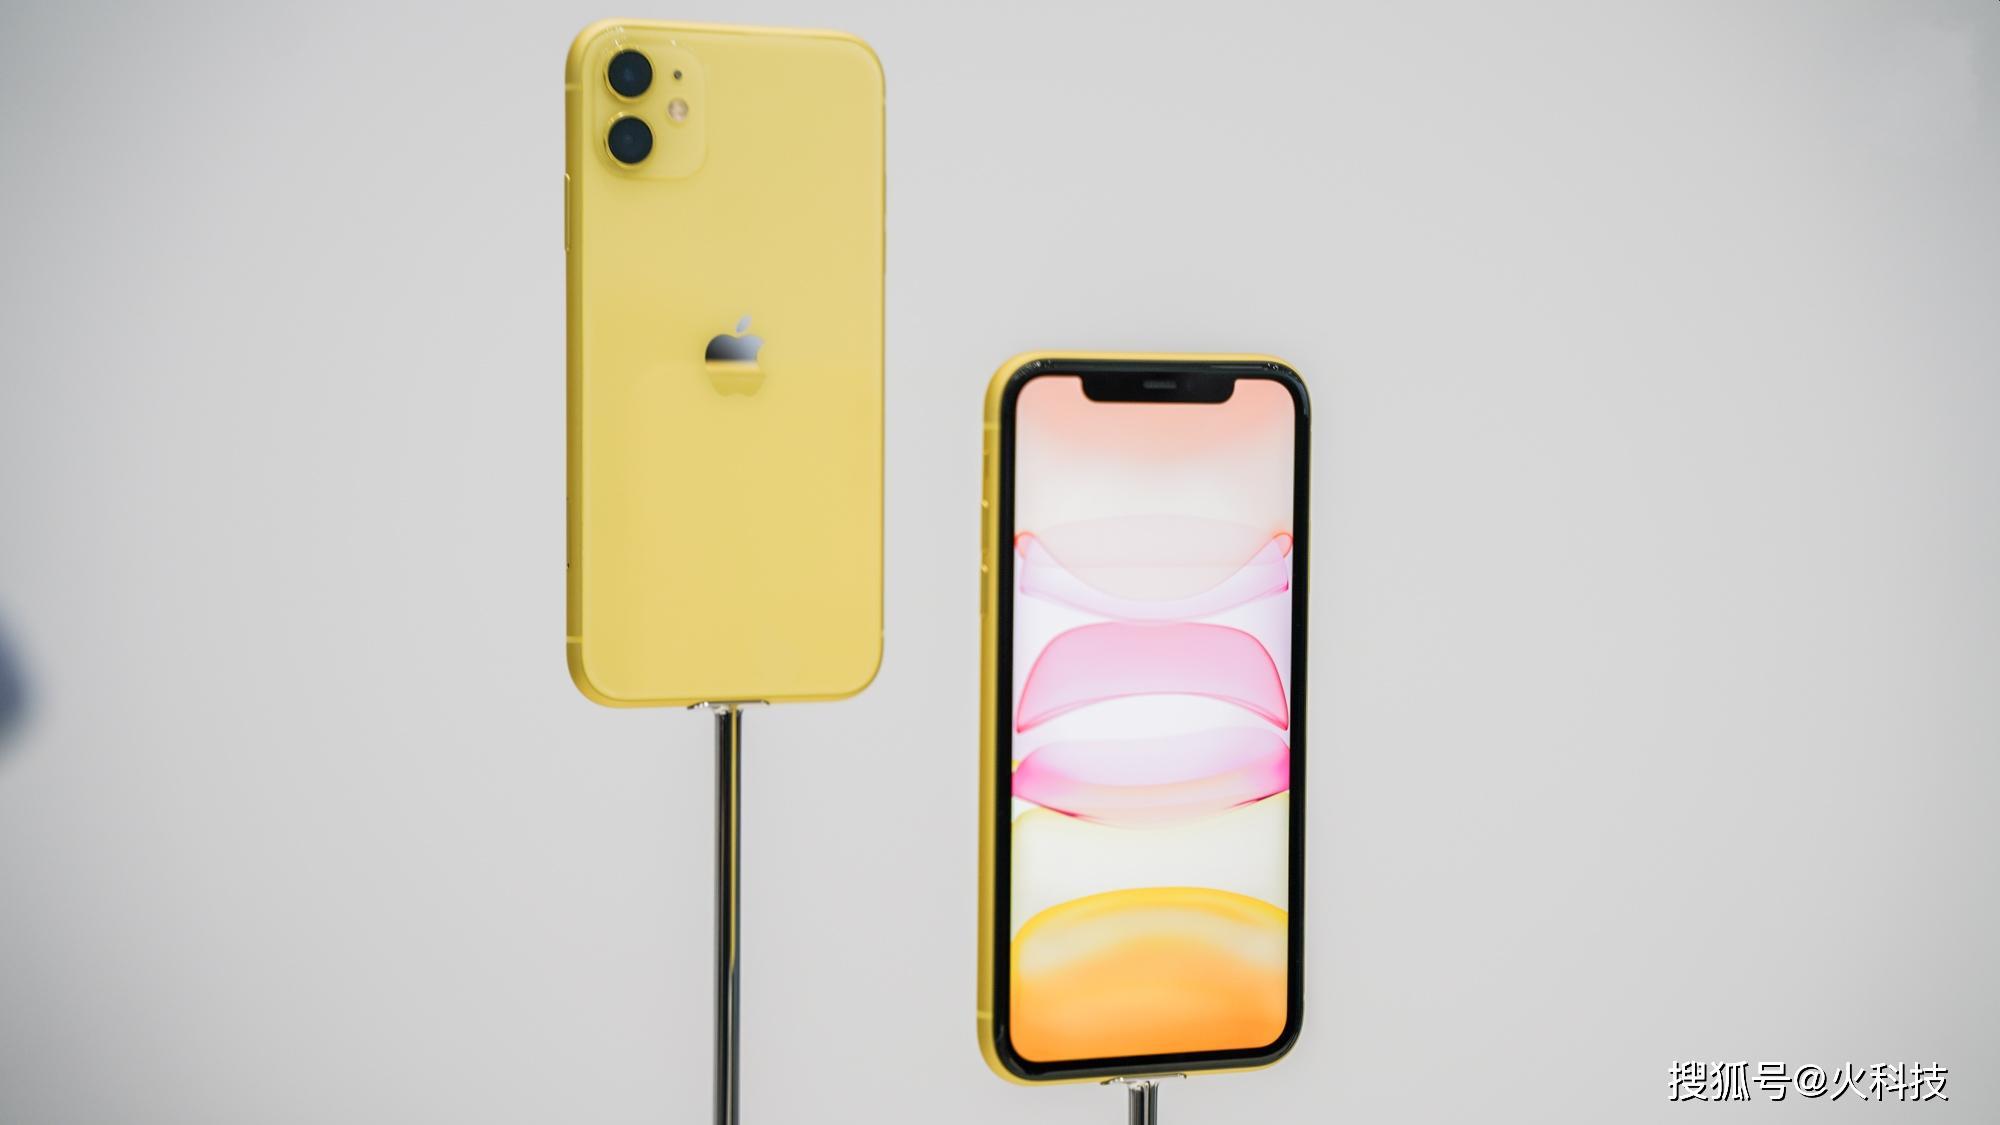 中国新年就要到了你不能买那样的苹果手机这3部苹果手机值得购买